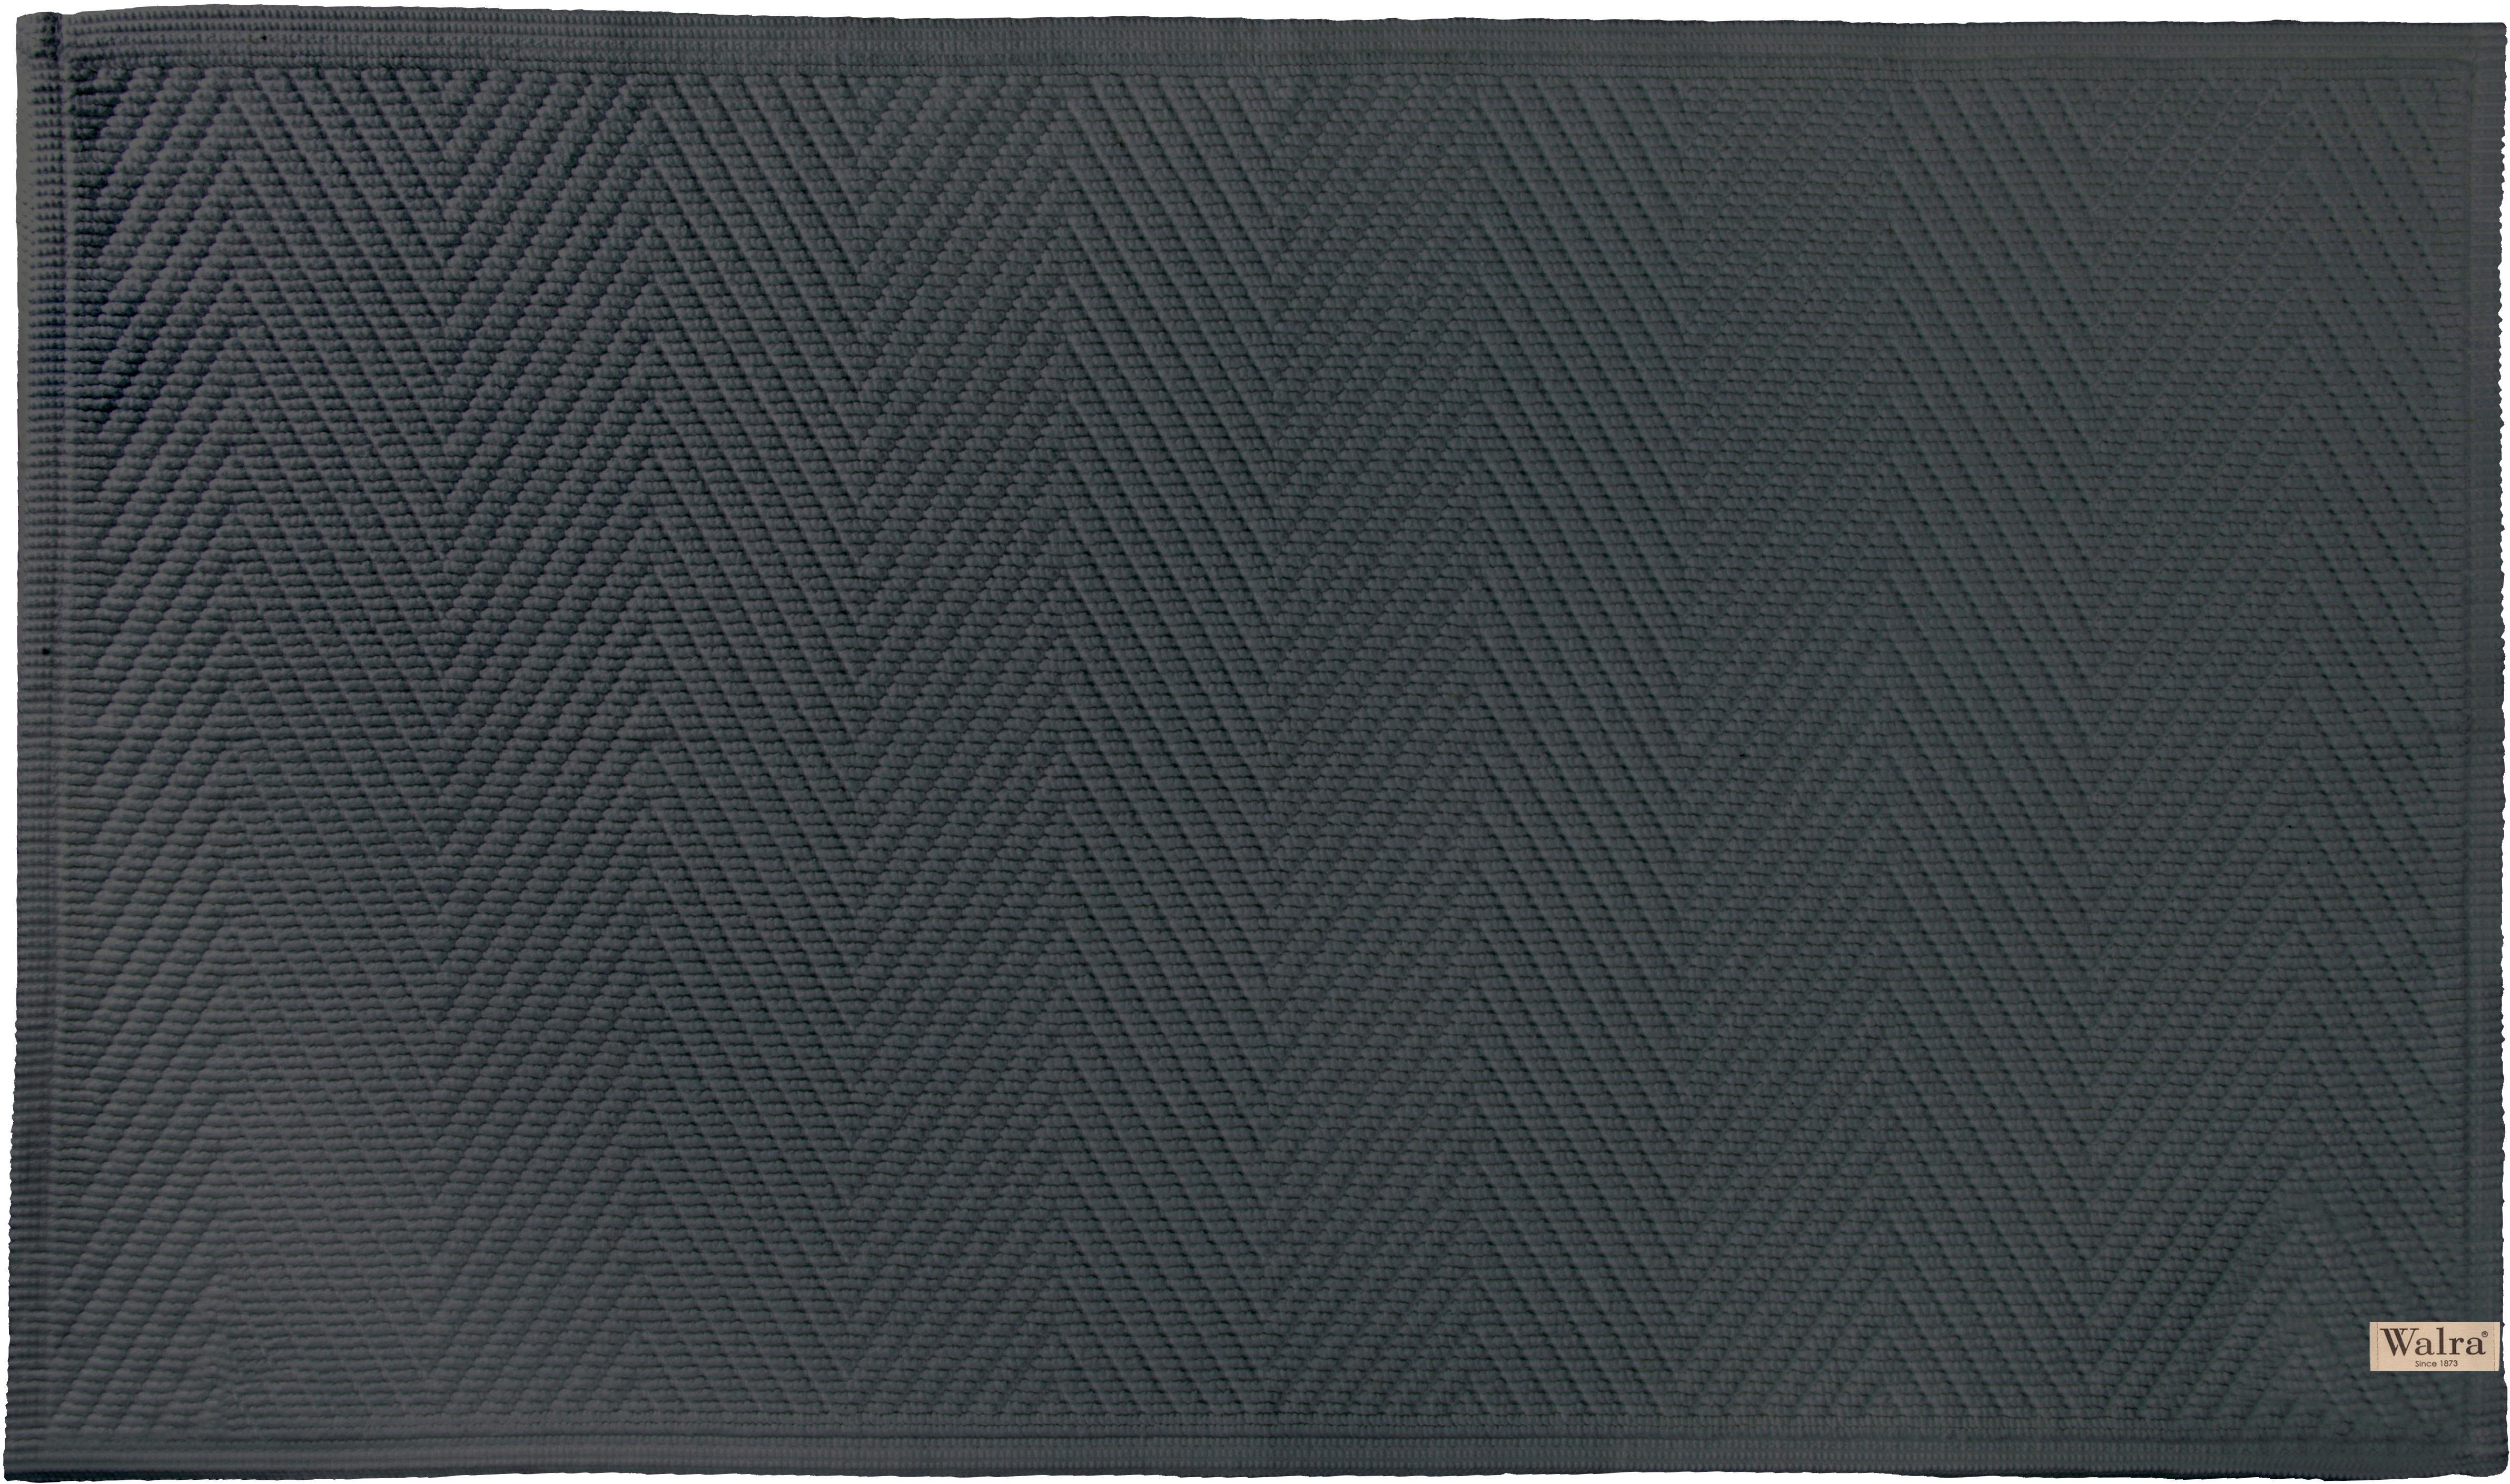 Zachte katoenen badmat met visgraatmotief., Katoen, Antraciet, 60 x 100 cm